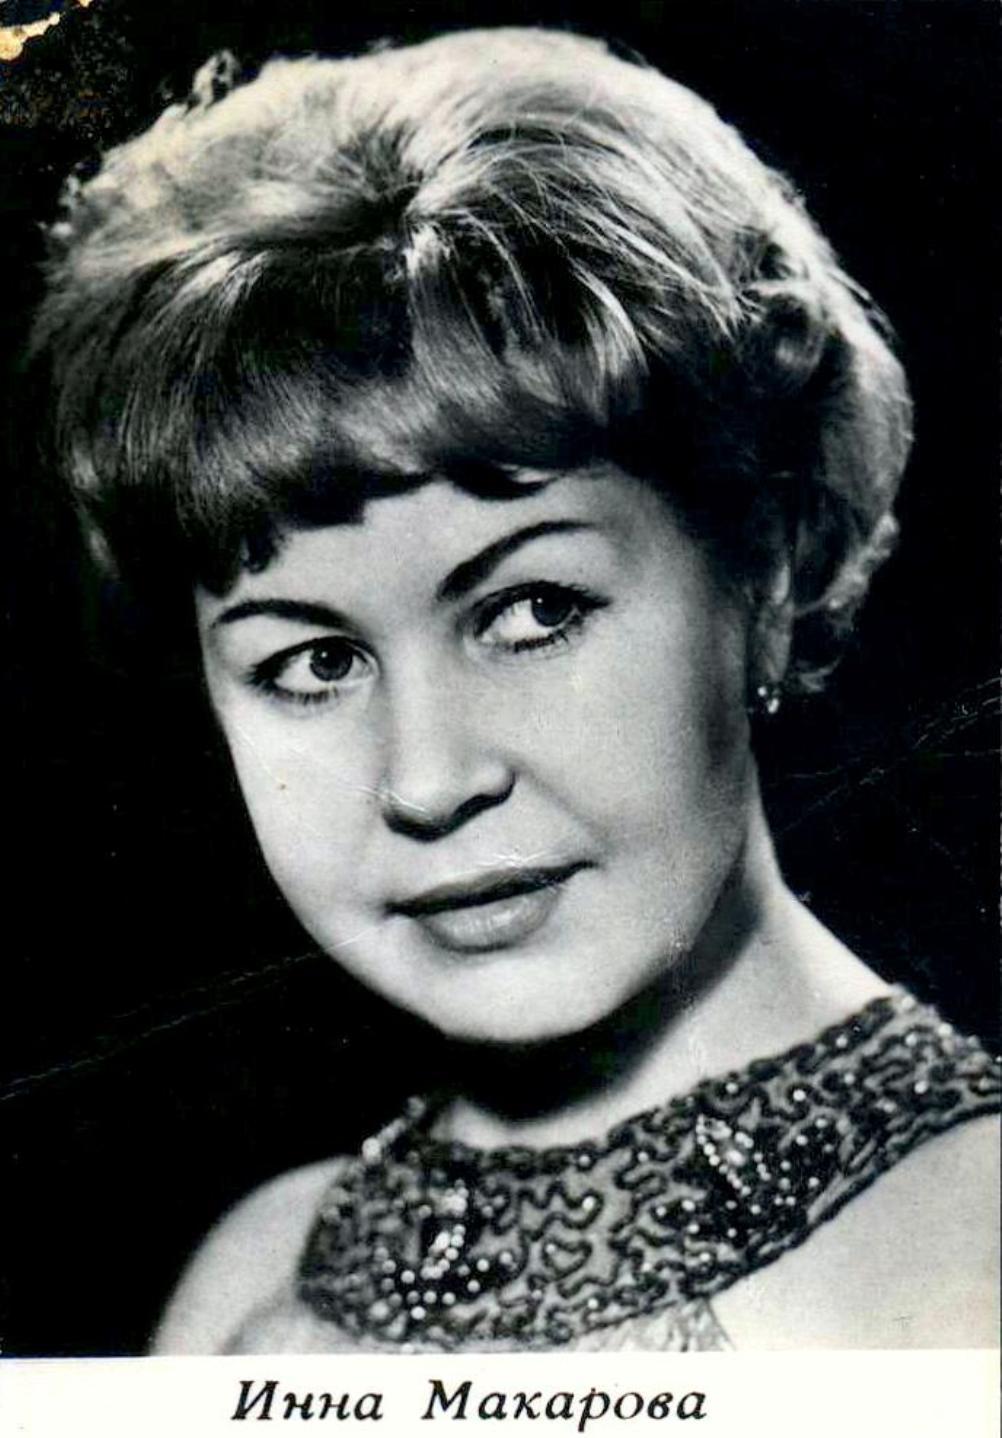 Инна Макарова, Актёры Советского кино, коллекция открыток